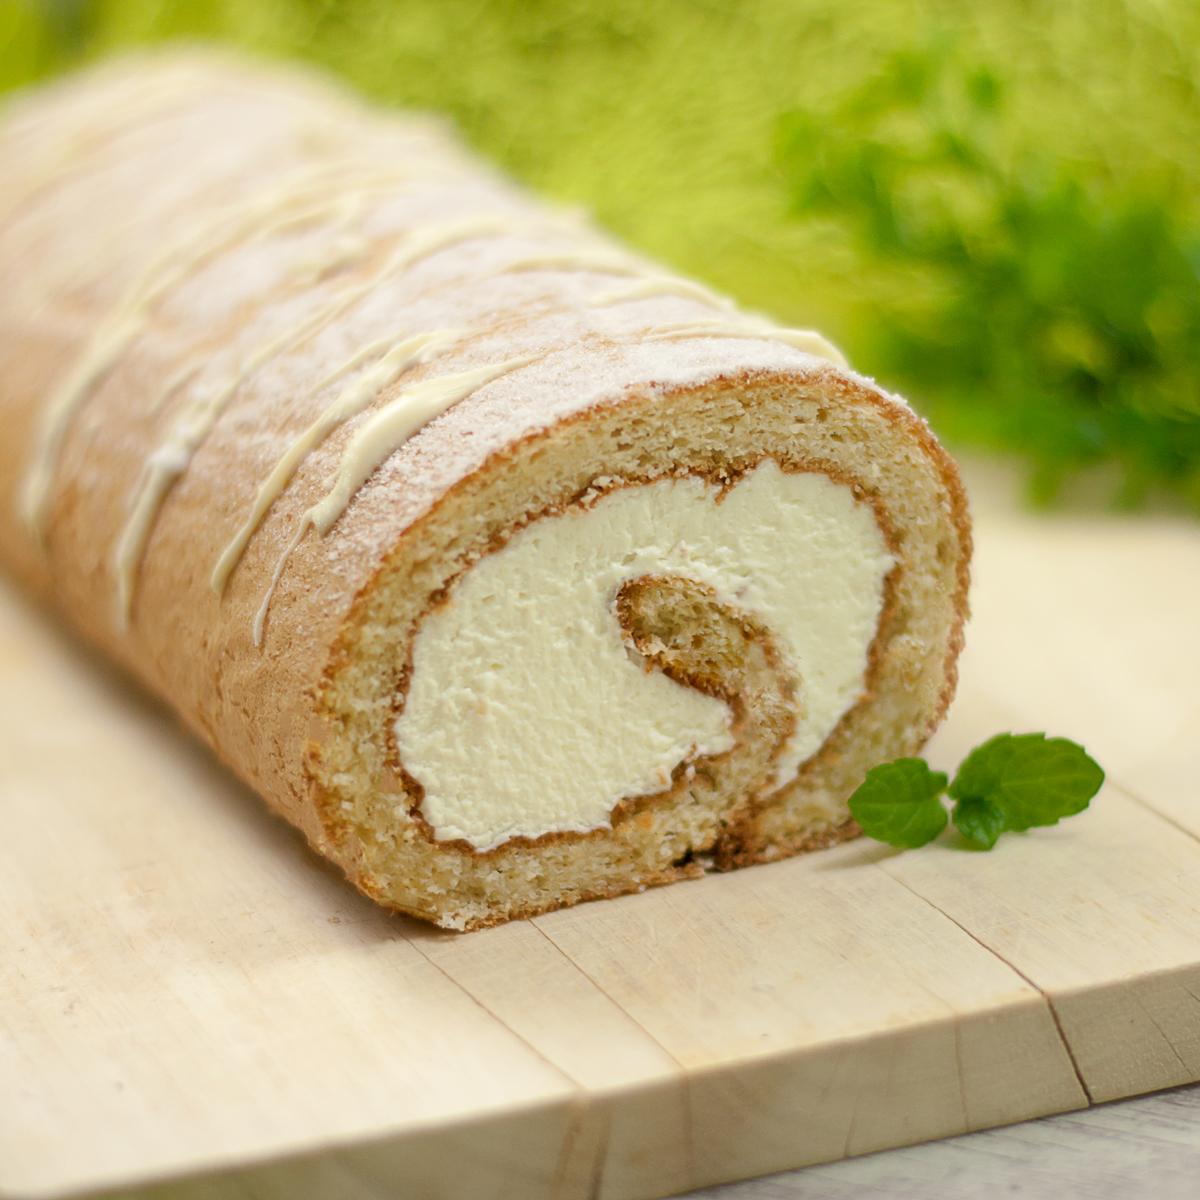 Die Zitronen-Biskuitrolle ist ein leckeres Frühlingsrezept. Der Kuchen ist zudem zuckerfrei und glutenfrei.